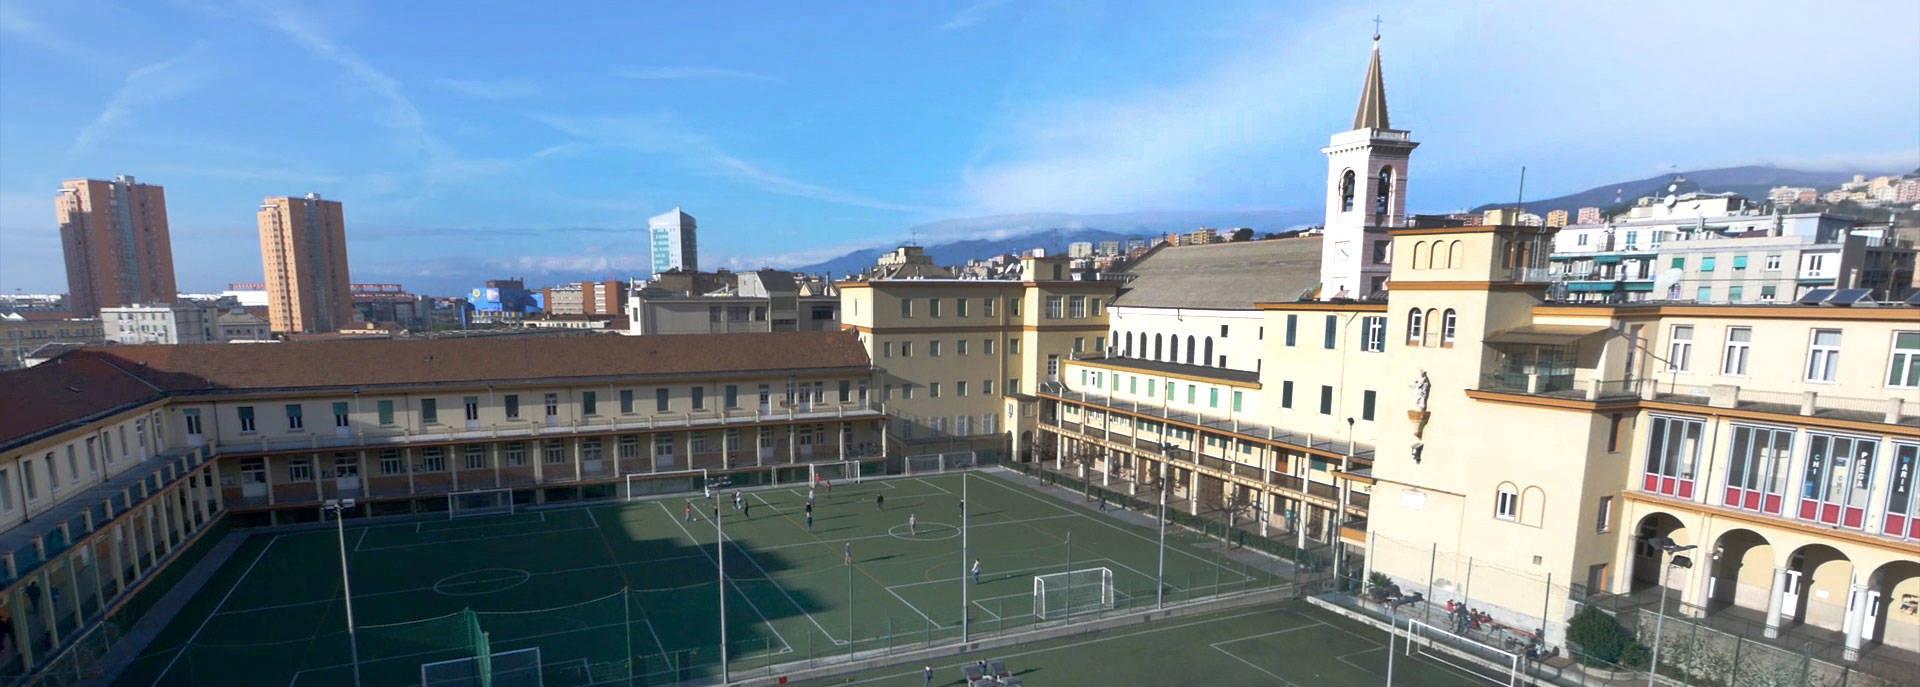 Don Bosco campo di calcio